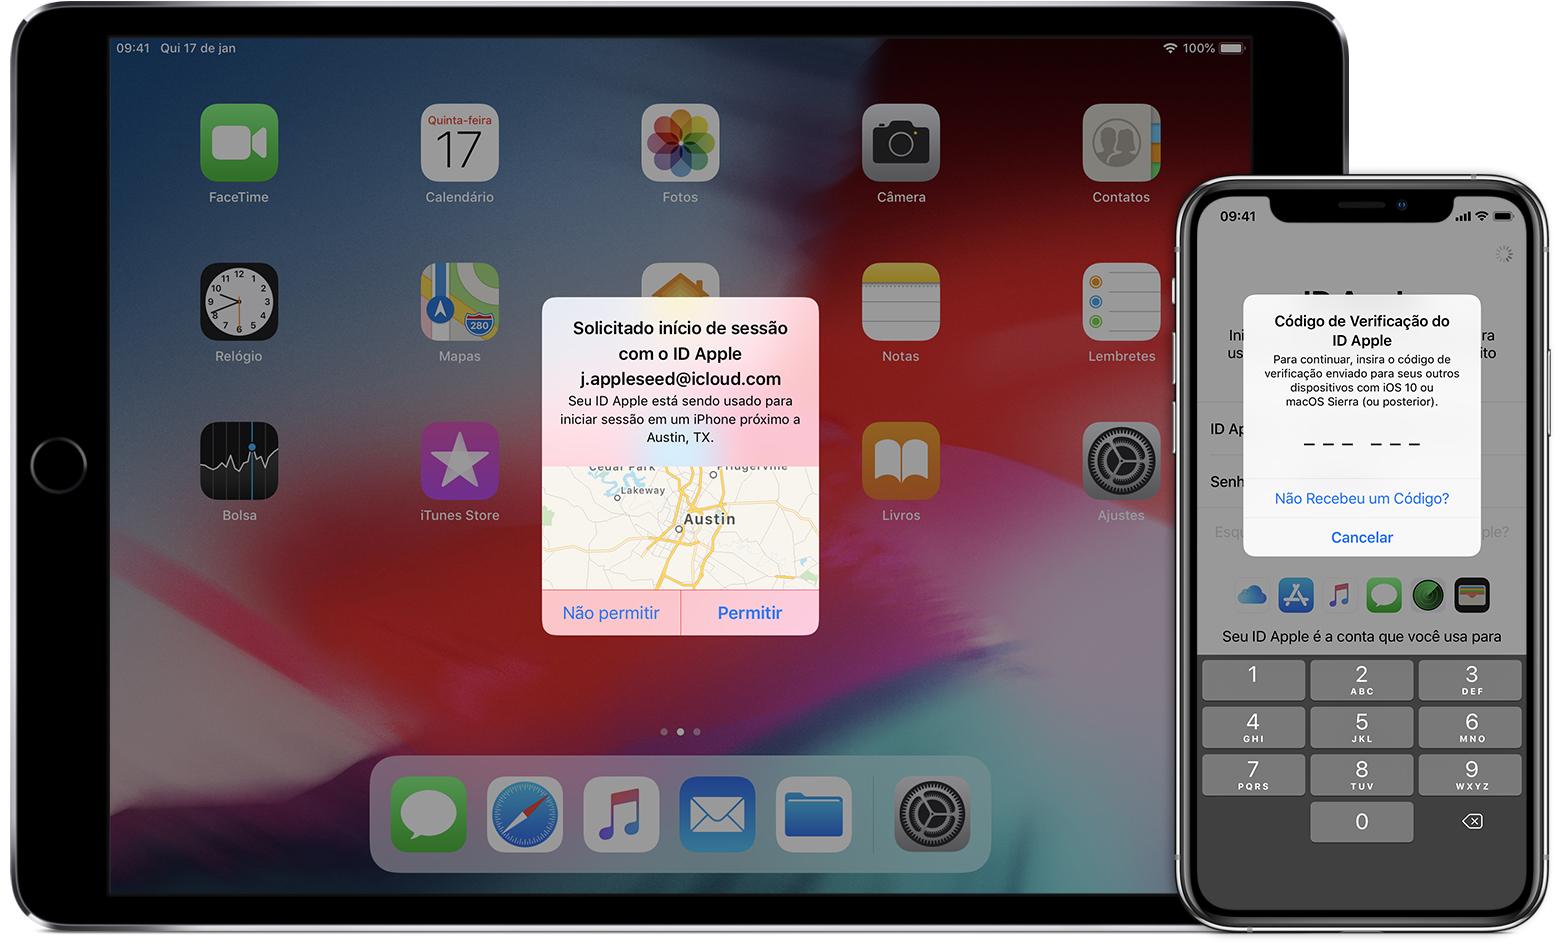 Autenticação de dois fatores do ID Apple - Suporte da Apple 66672a26b2